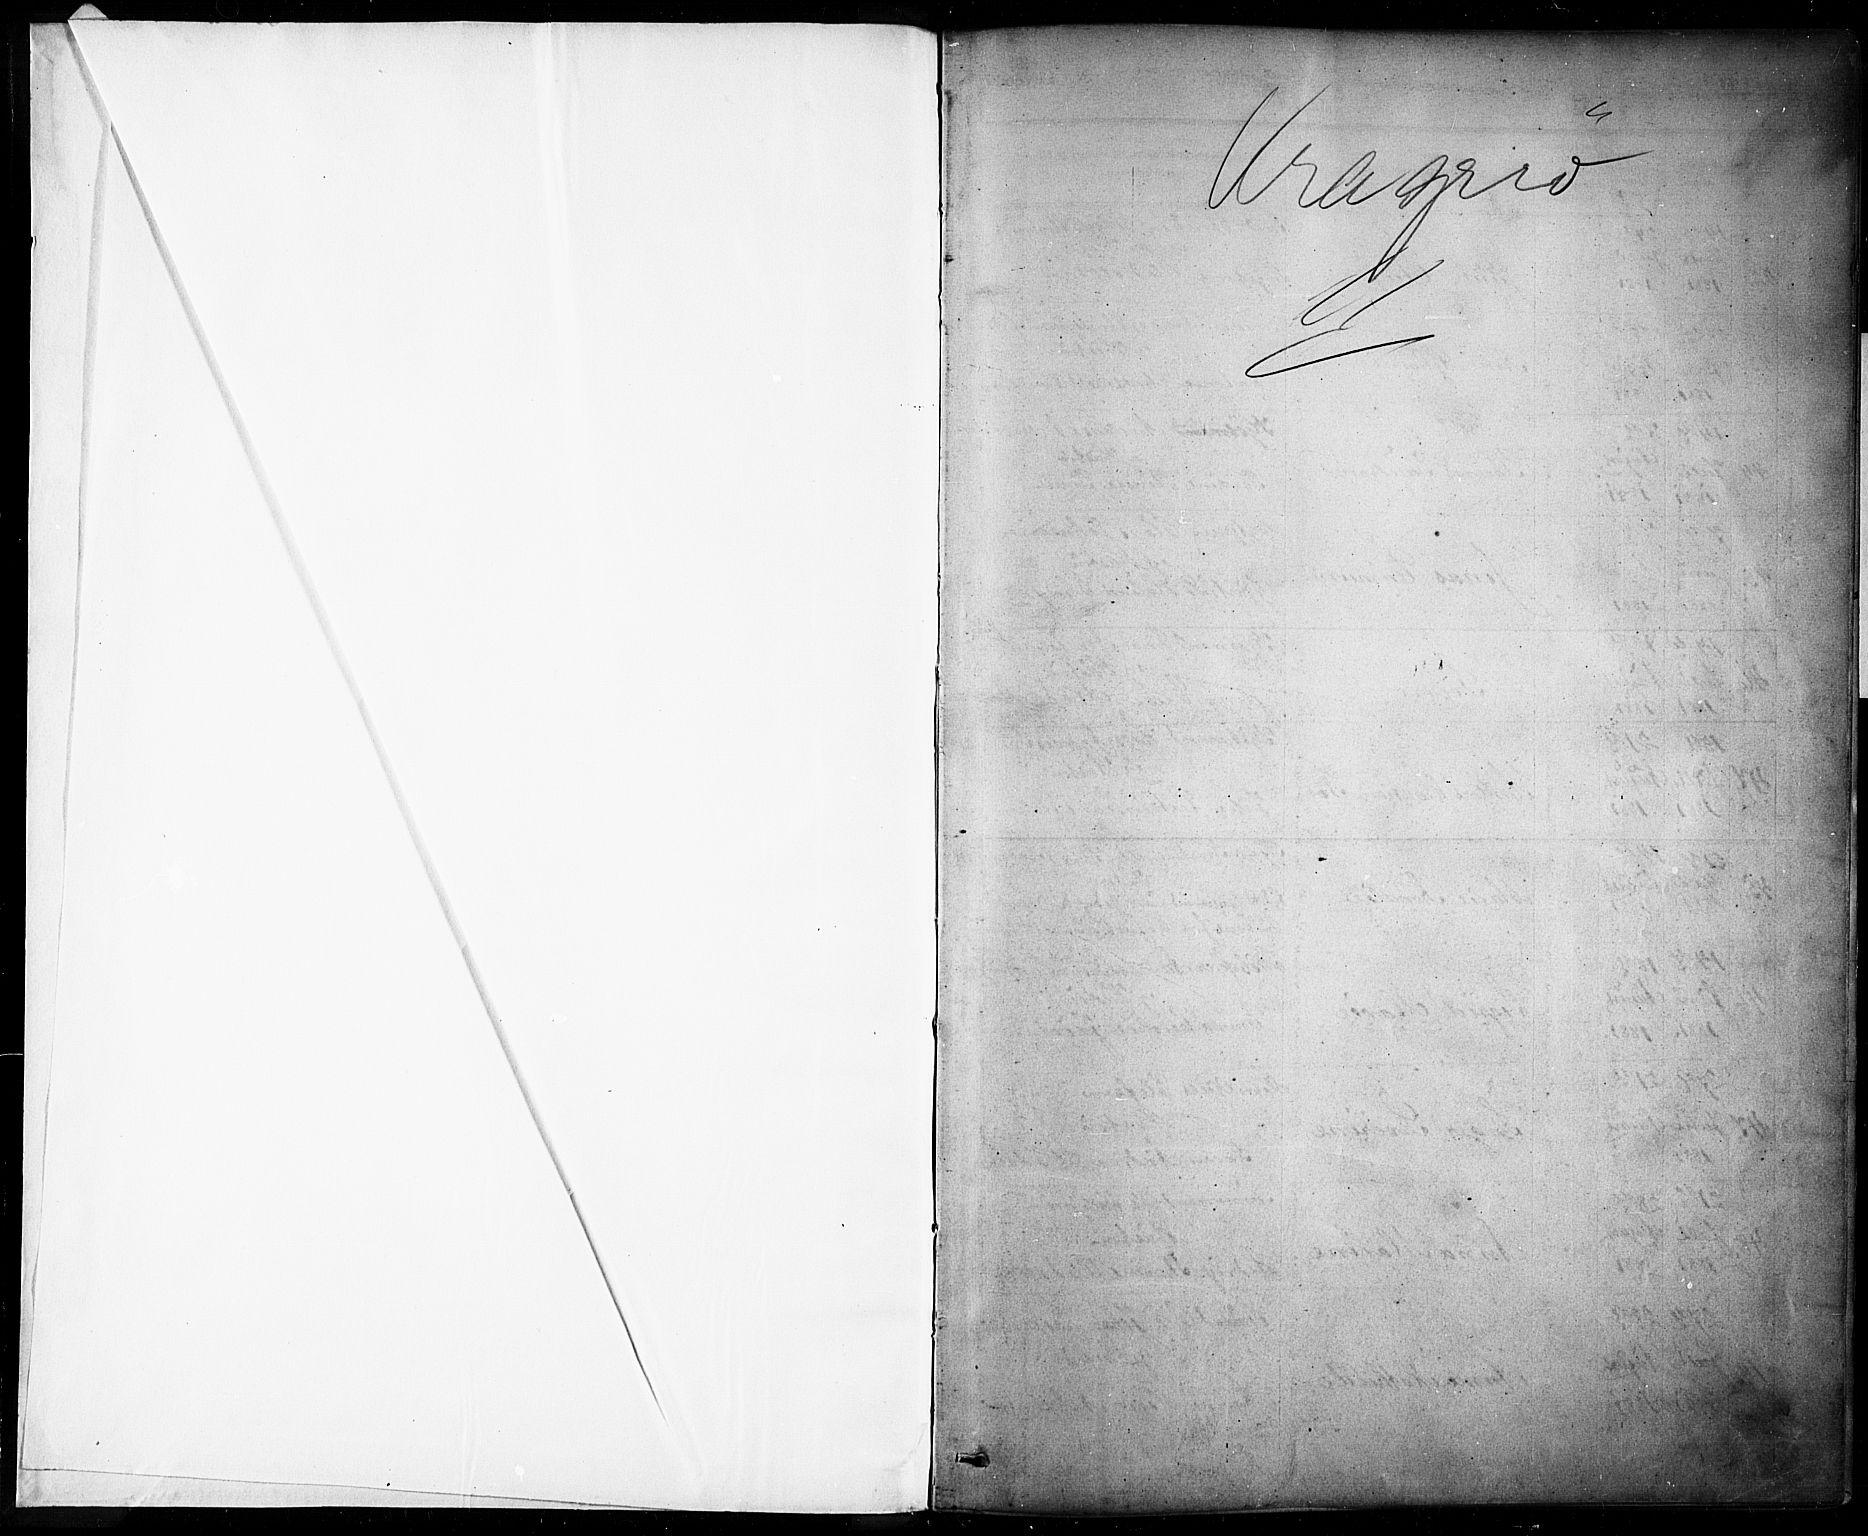 SAKO, Kragerø kirkebøker, G/Ga/L0007: Klokkerbok nr. 7, 1881-1927